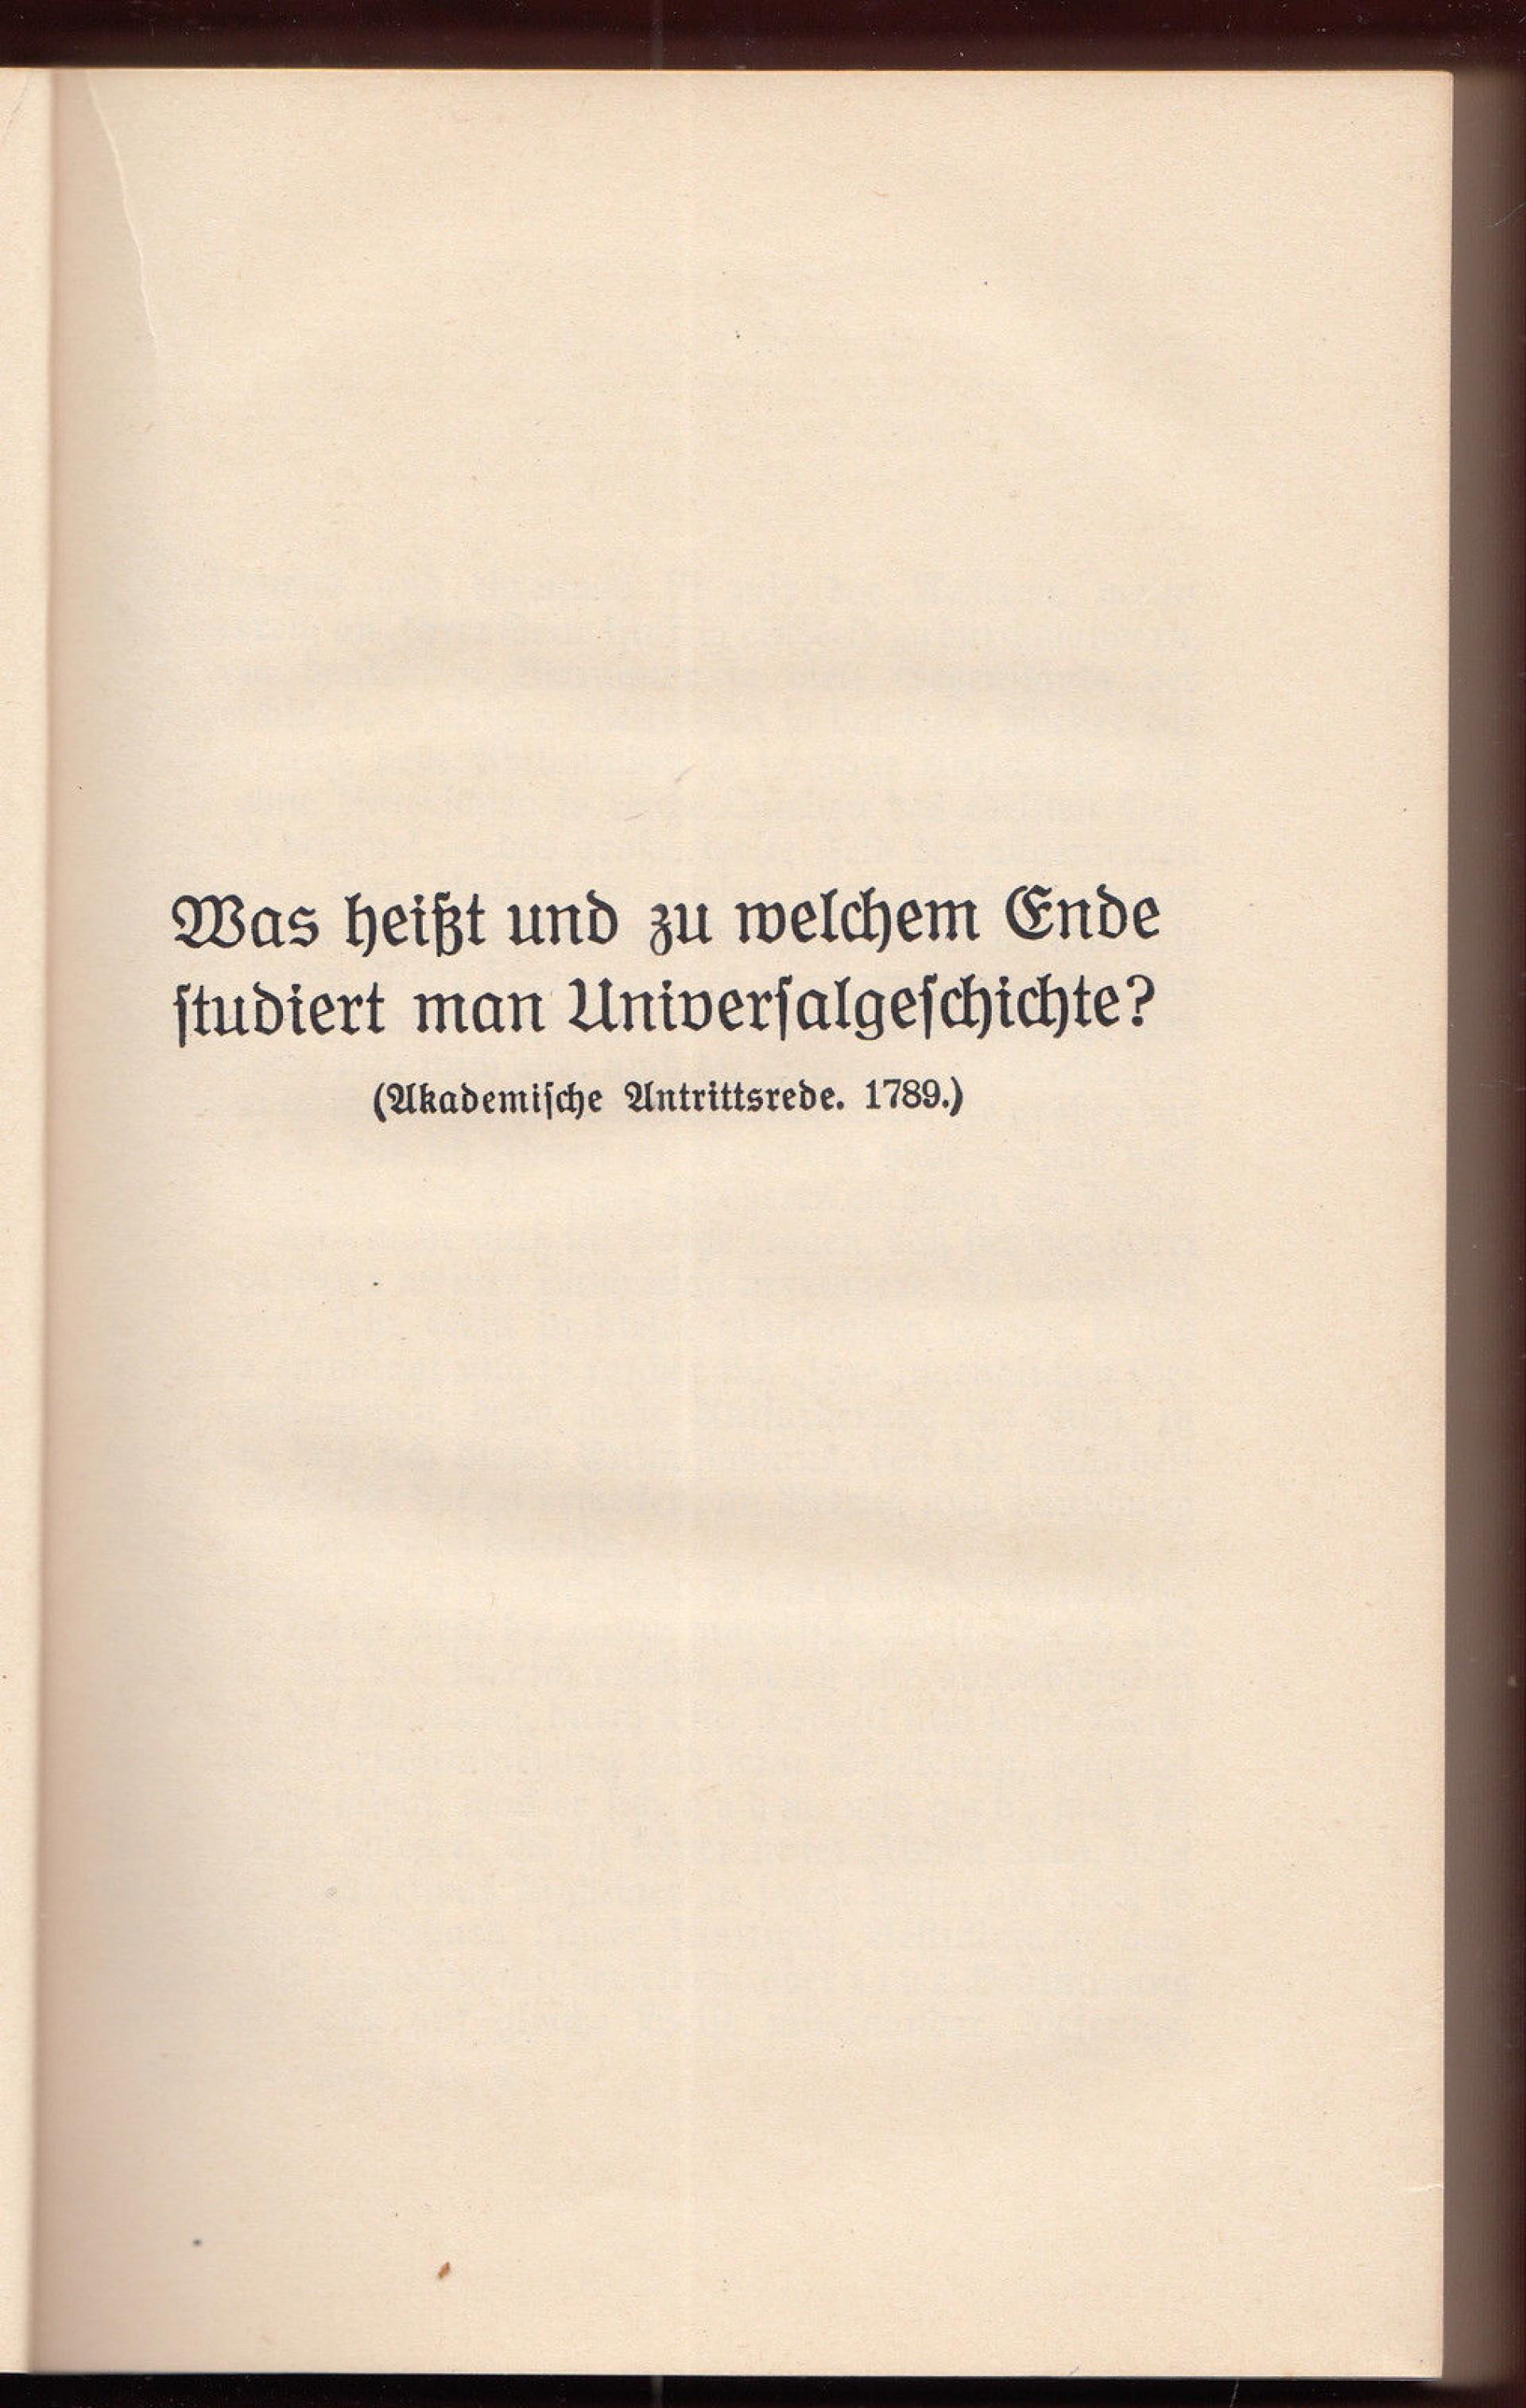 004 Essay Example Friedrich Schiller Schriften Vol Werke Ger Philosophy History Essays Awful 1920